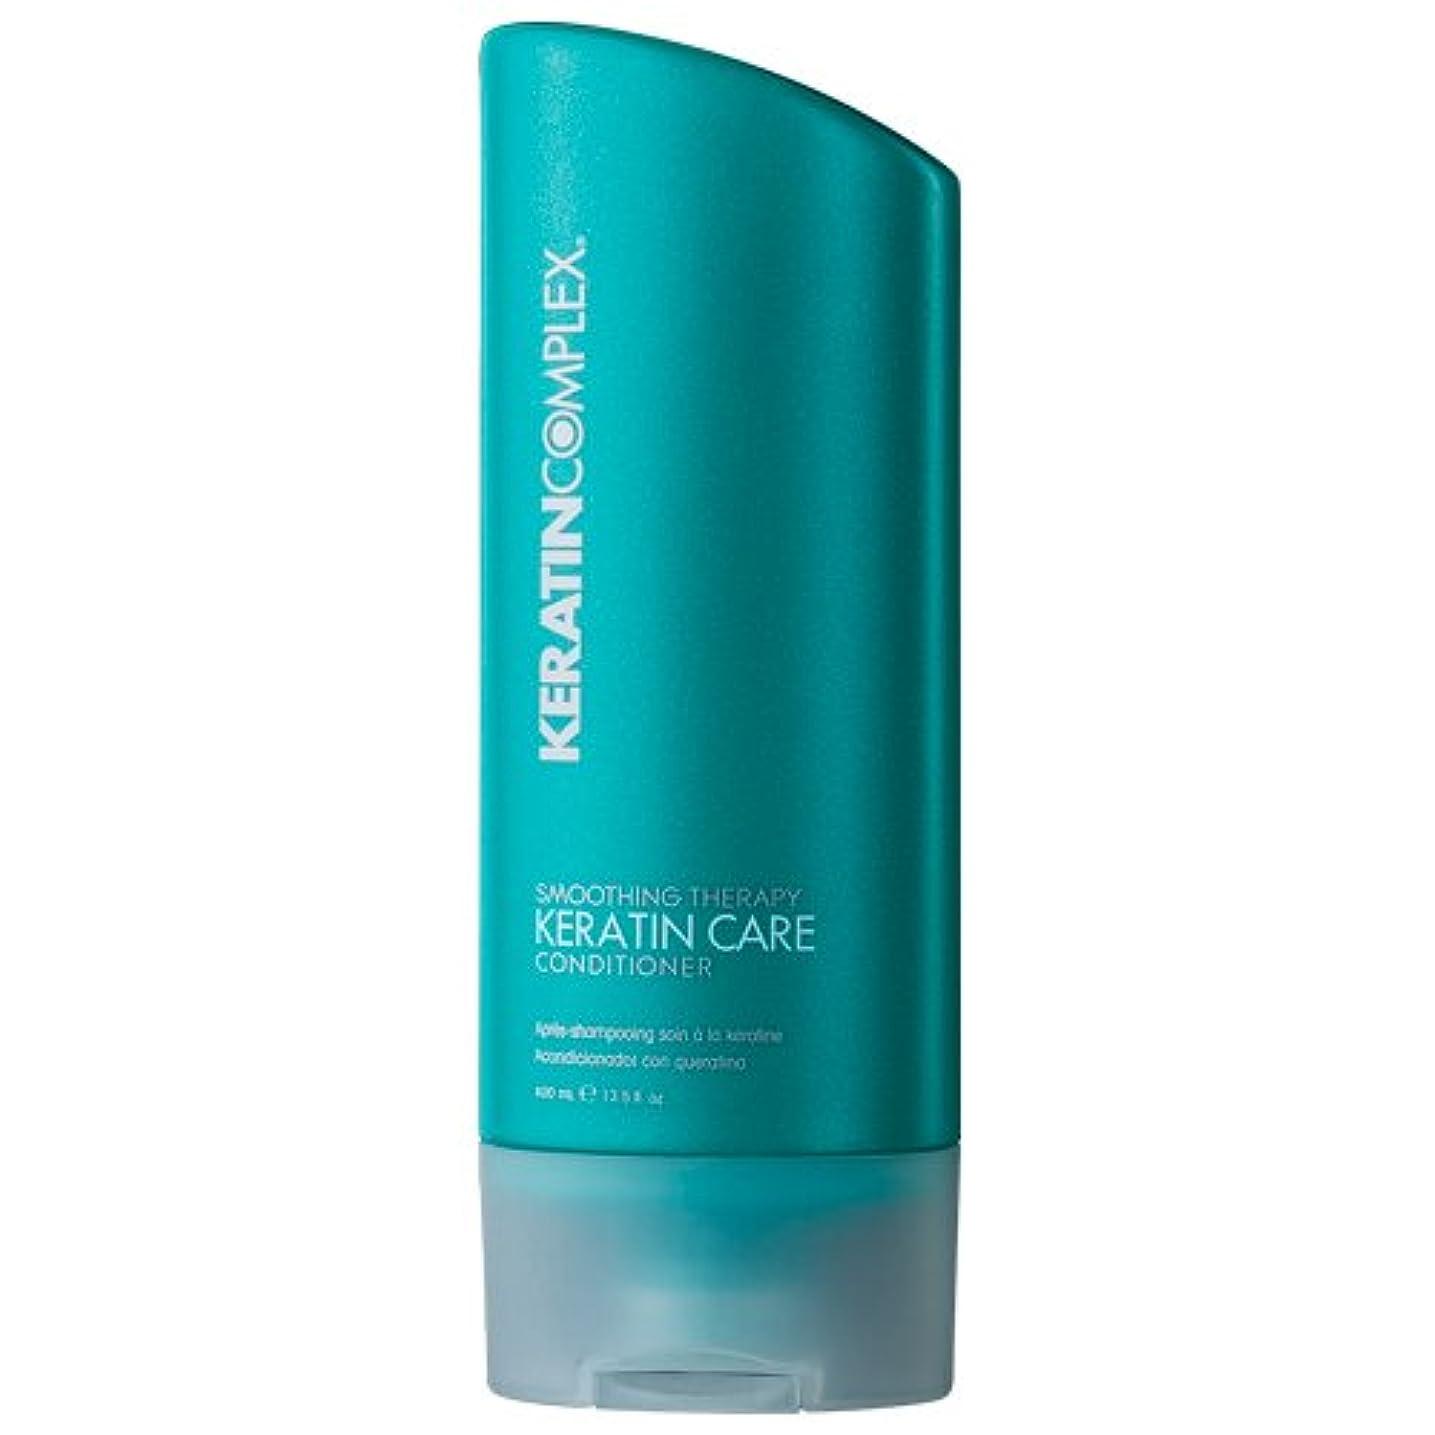 フレームワーク遺棄された重さSmoothing Therapy Keratin Care Conditioner (For All Hair Types) - 400ml/13.5oz